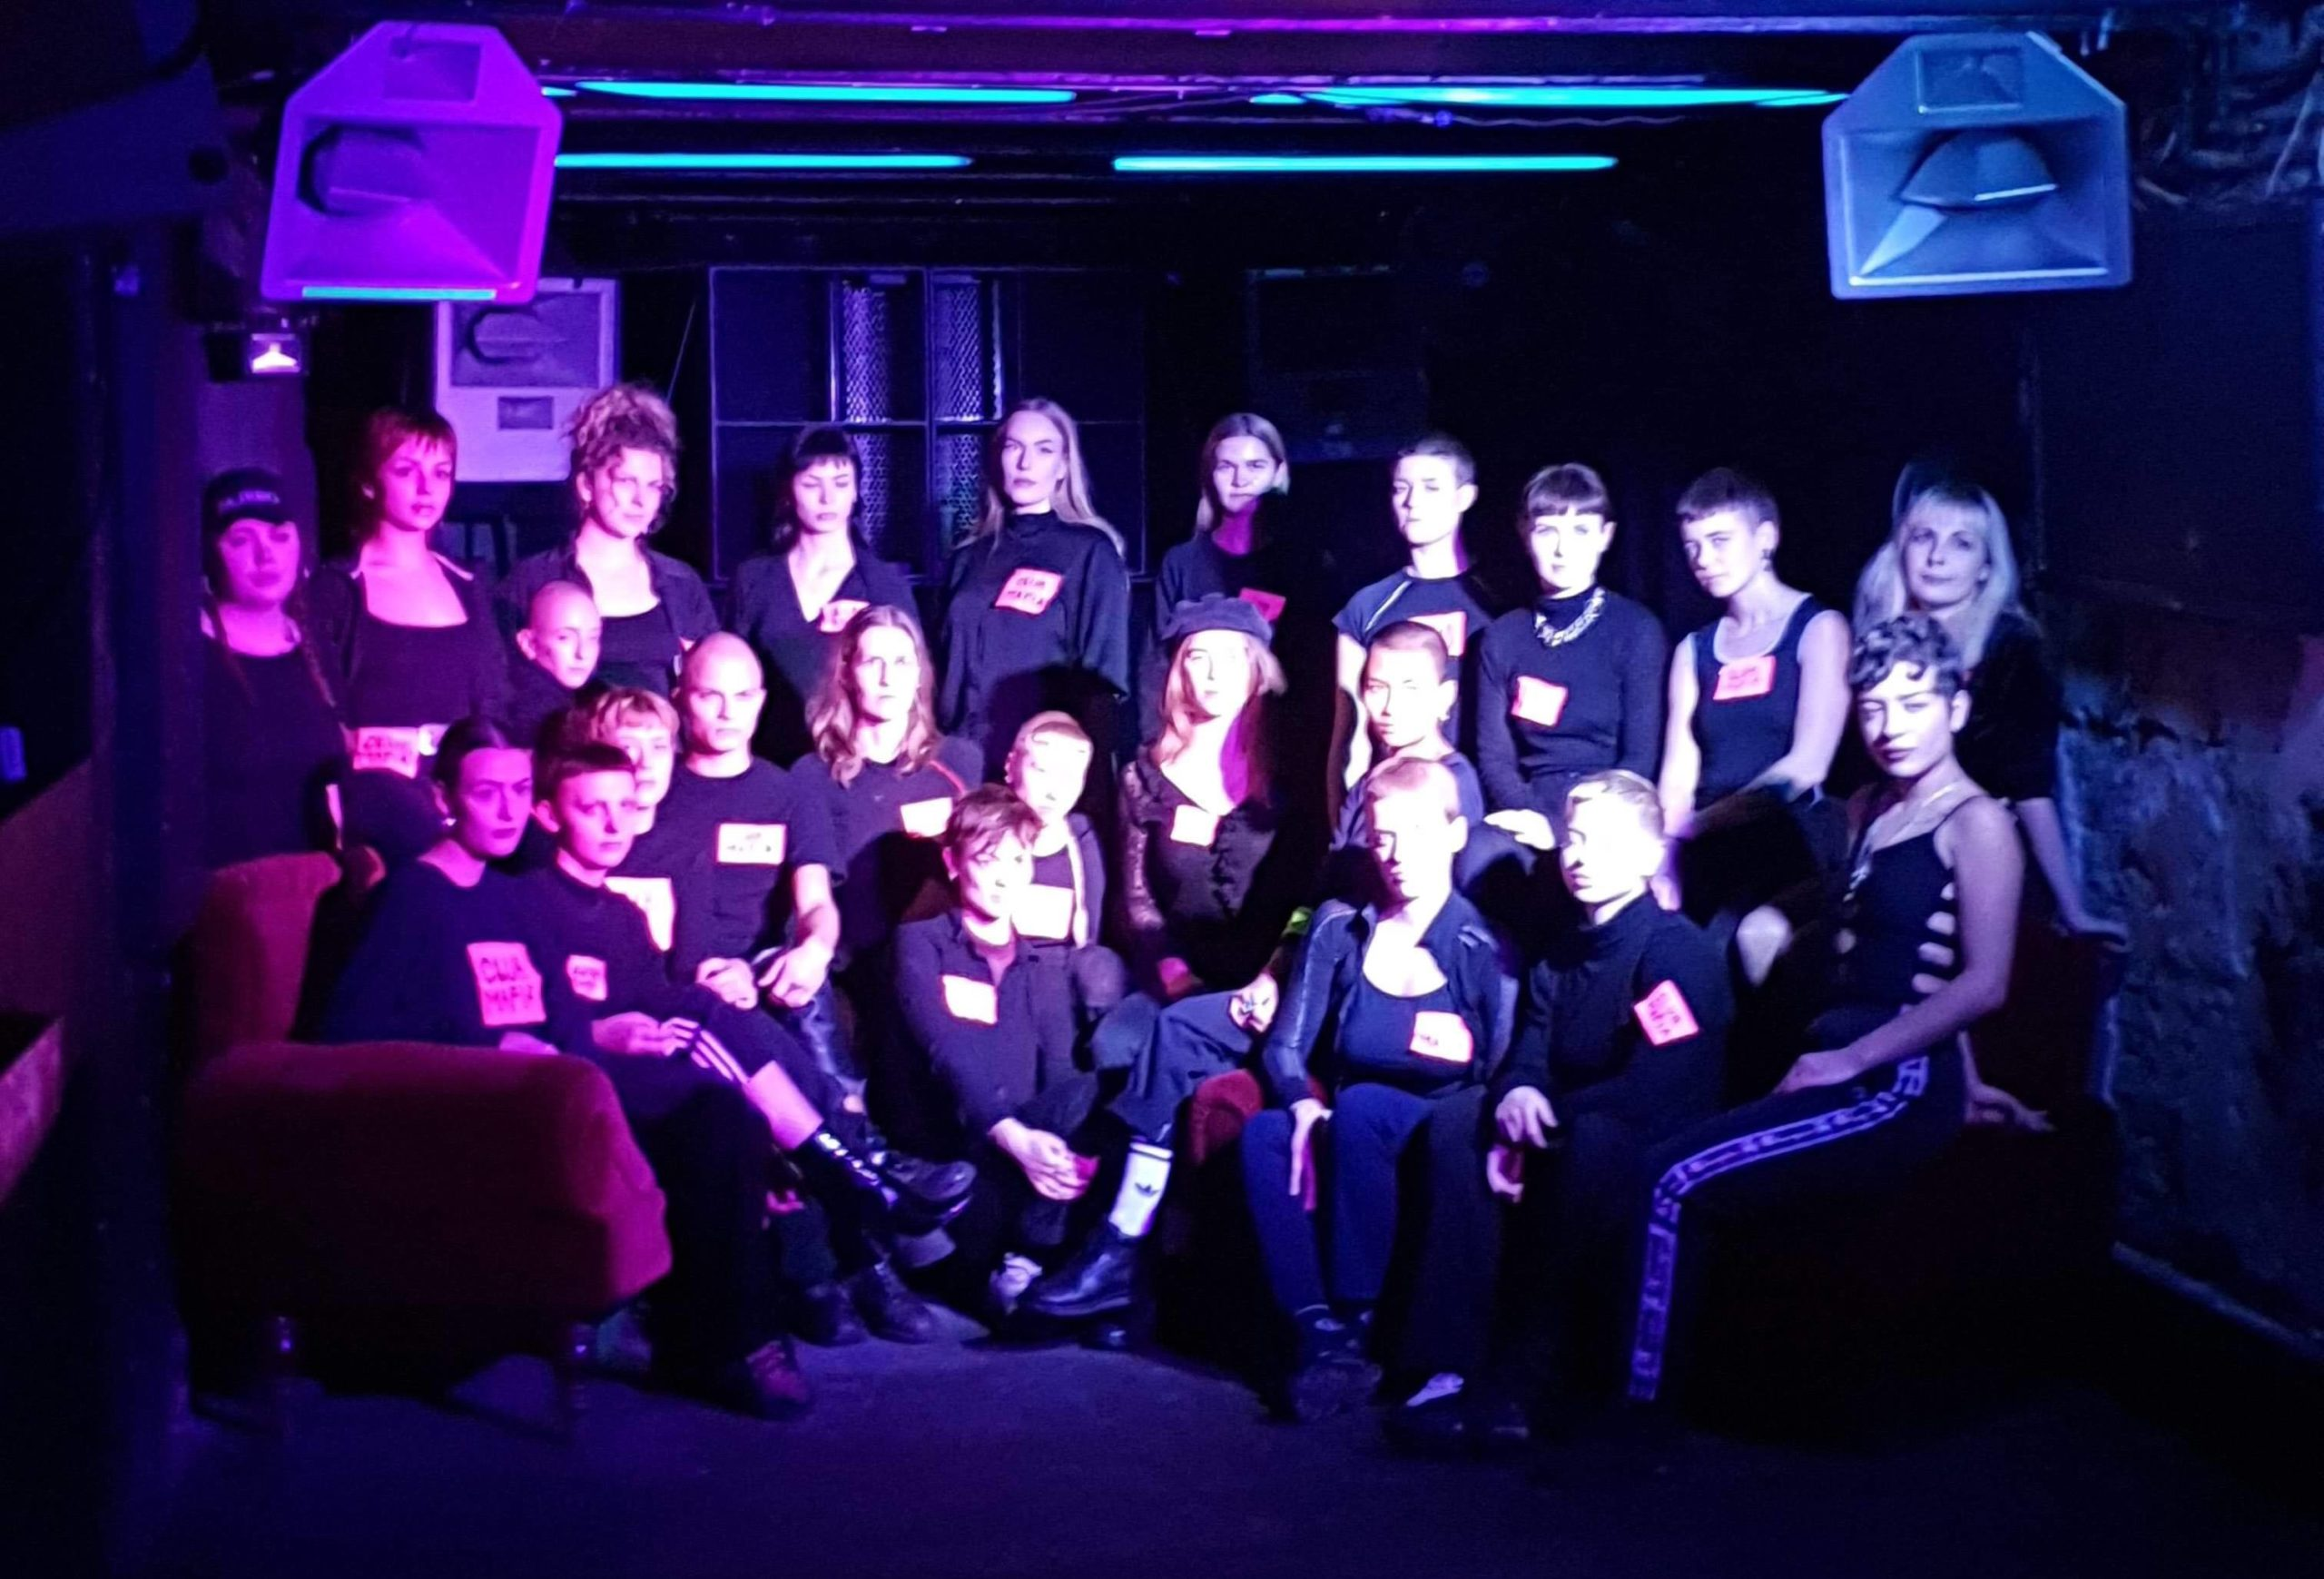 safer spaces club mafia